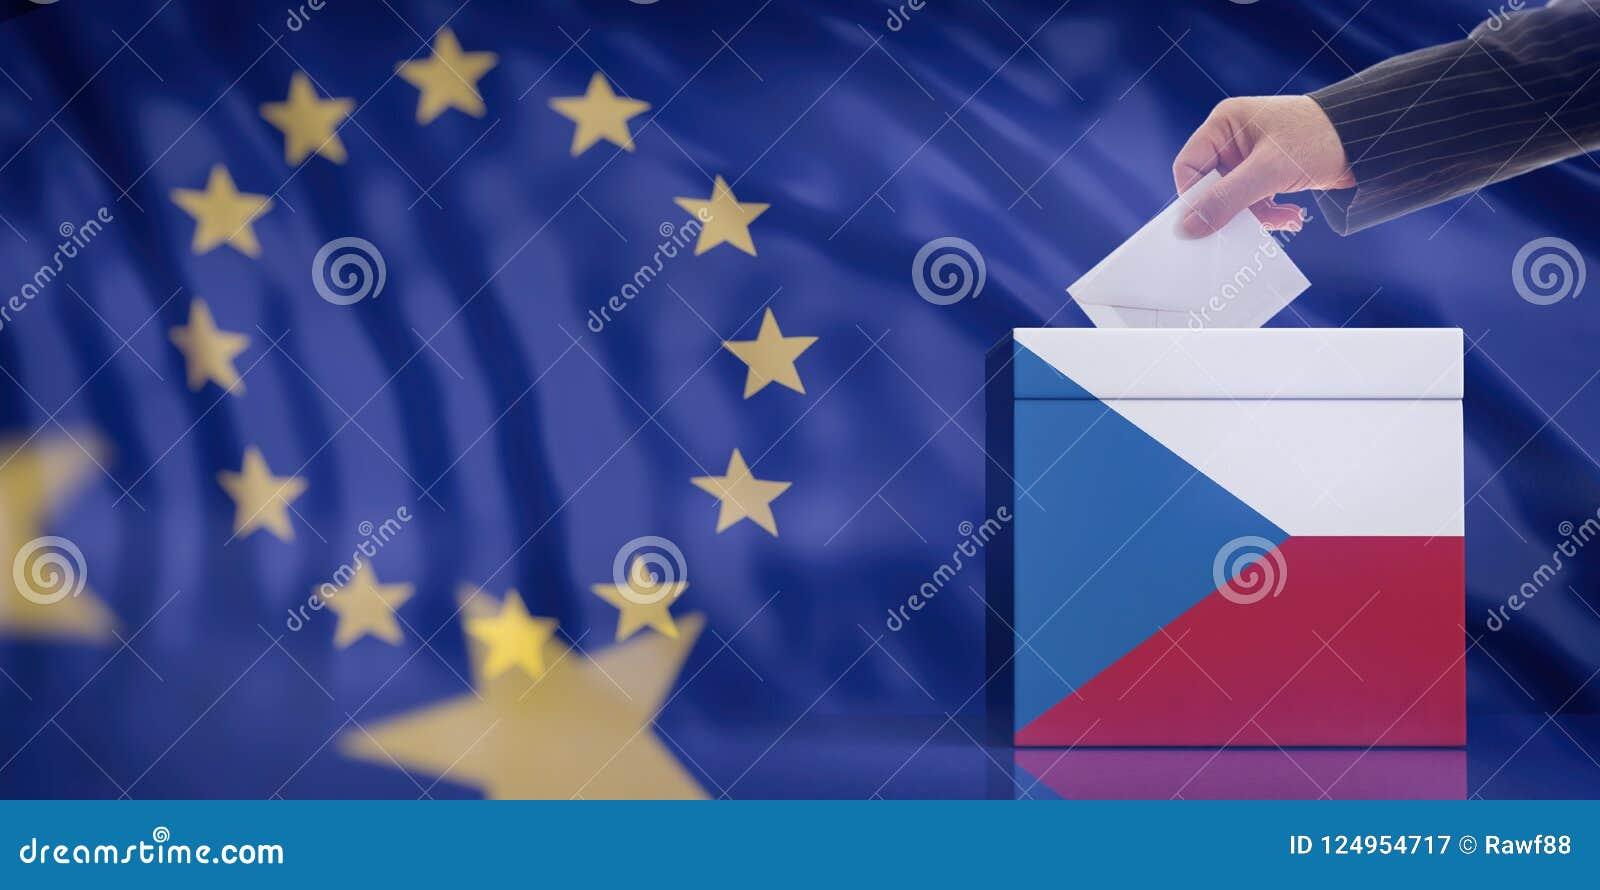 Dé la inserción de un sobre en una urna de la bandera de la República Checa en fondo de la bandera de unión europea ilustración 3